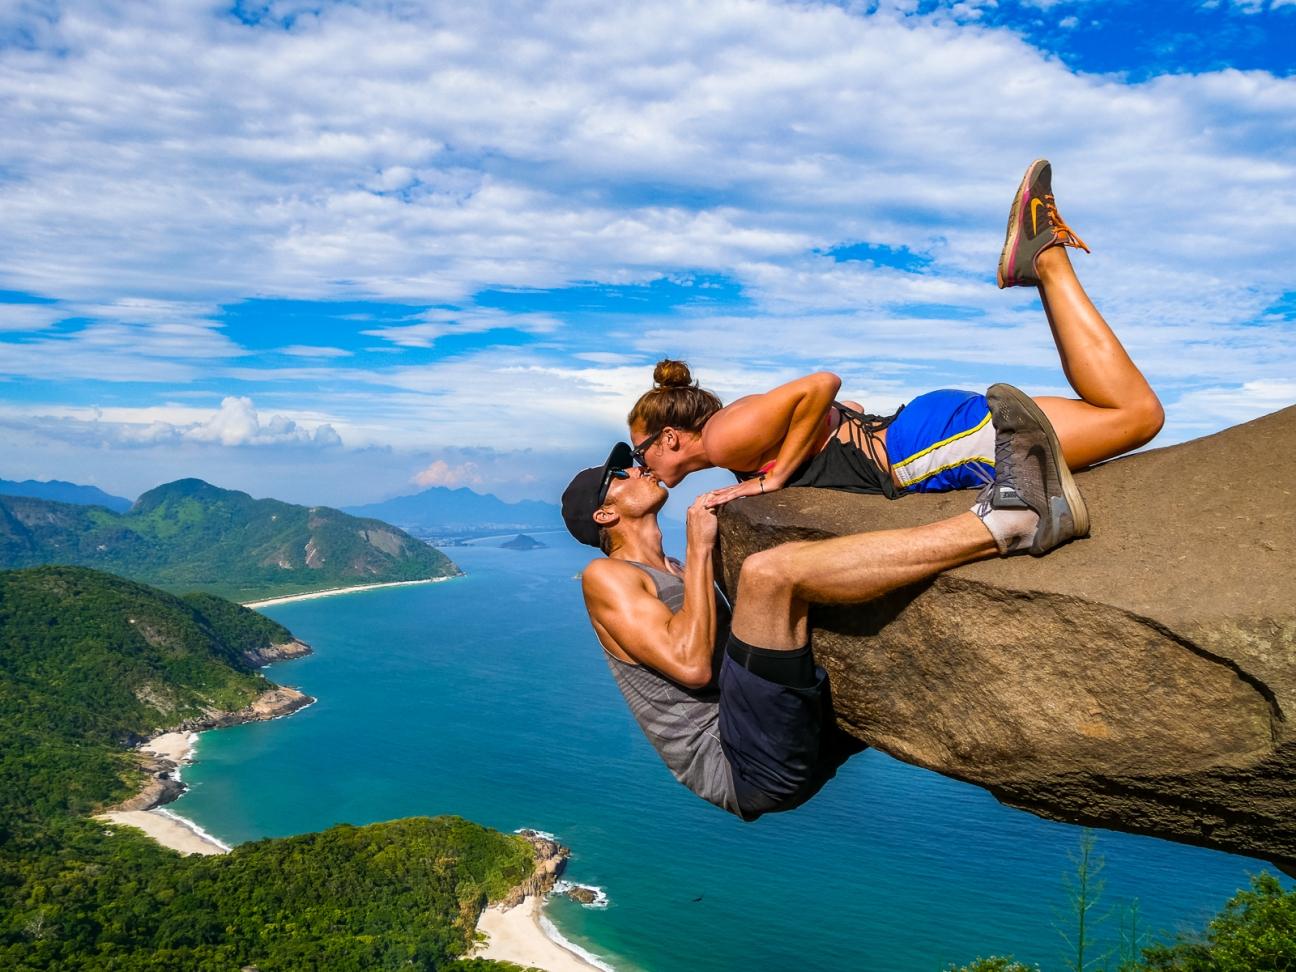 Cliffside kiss in Brazil